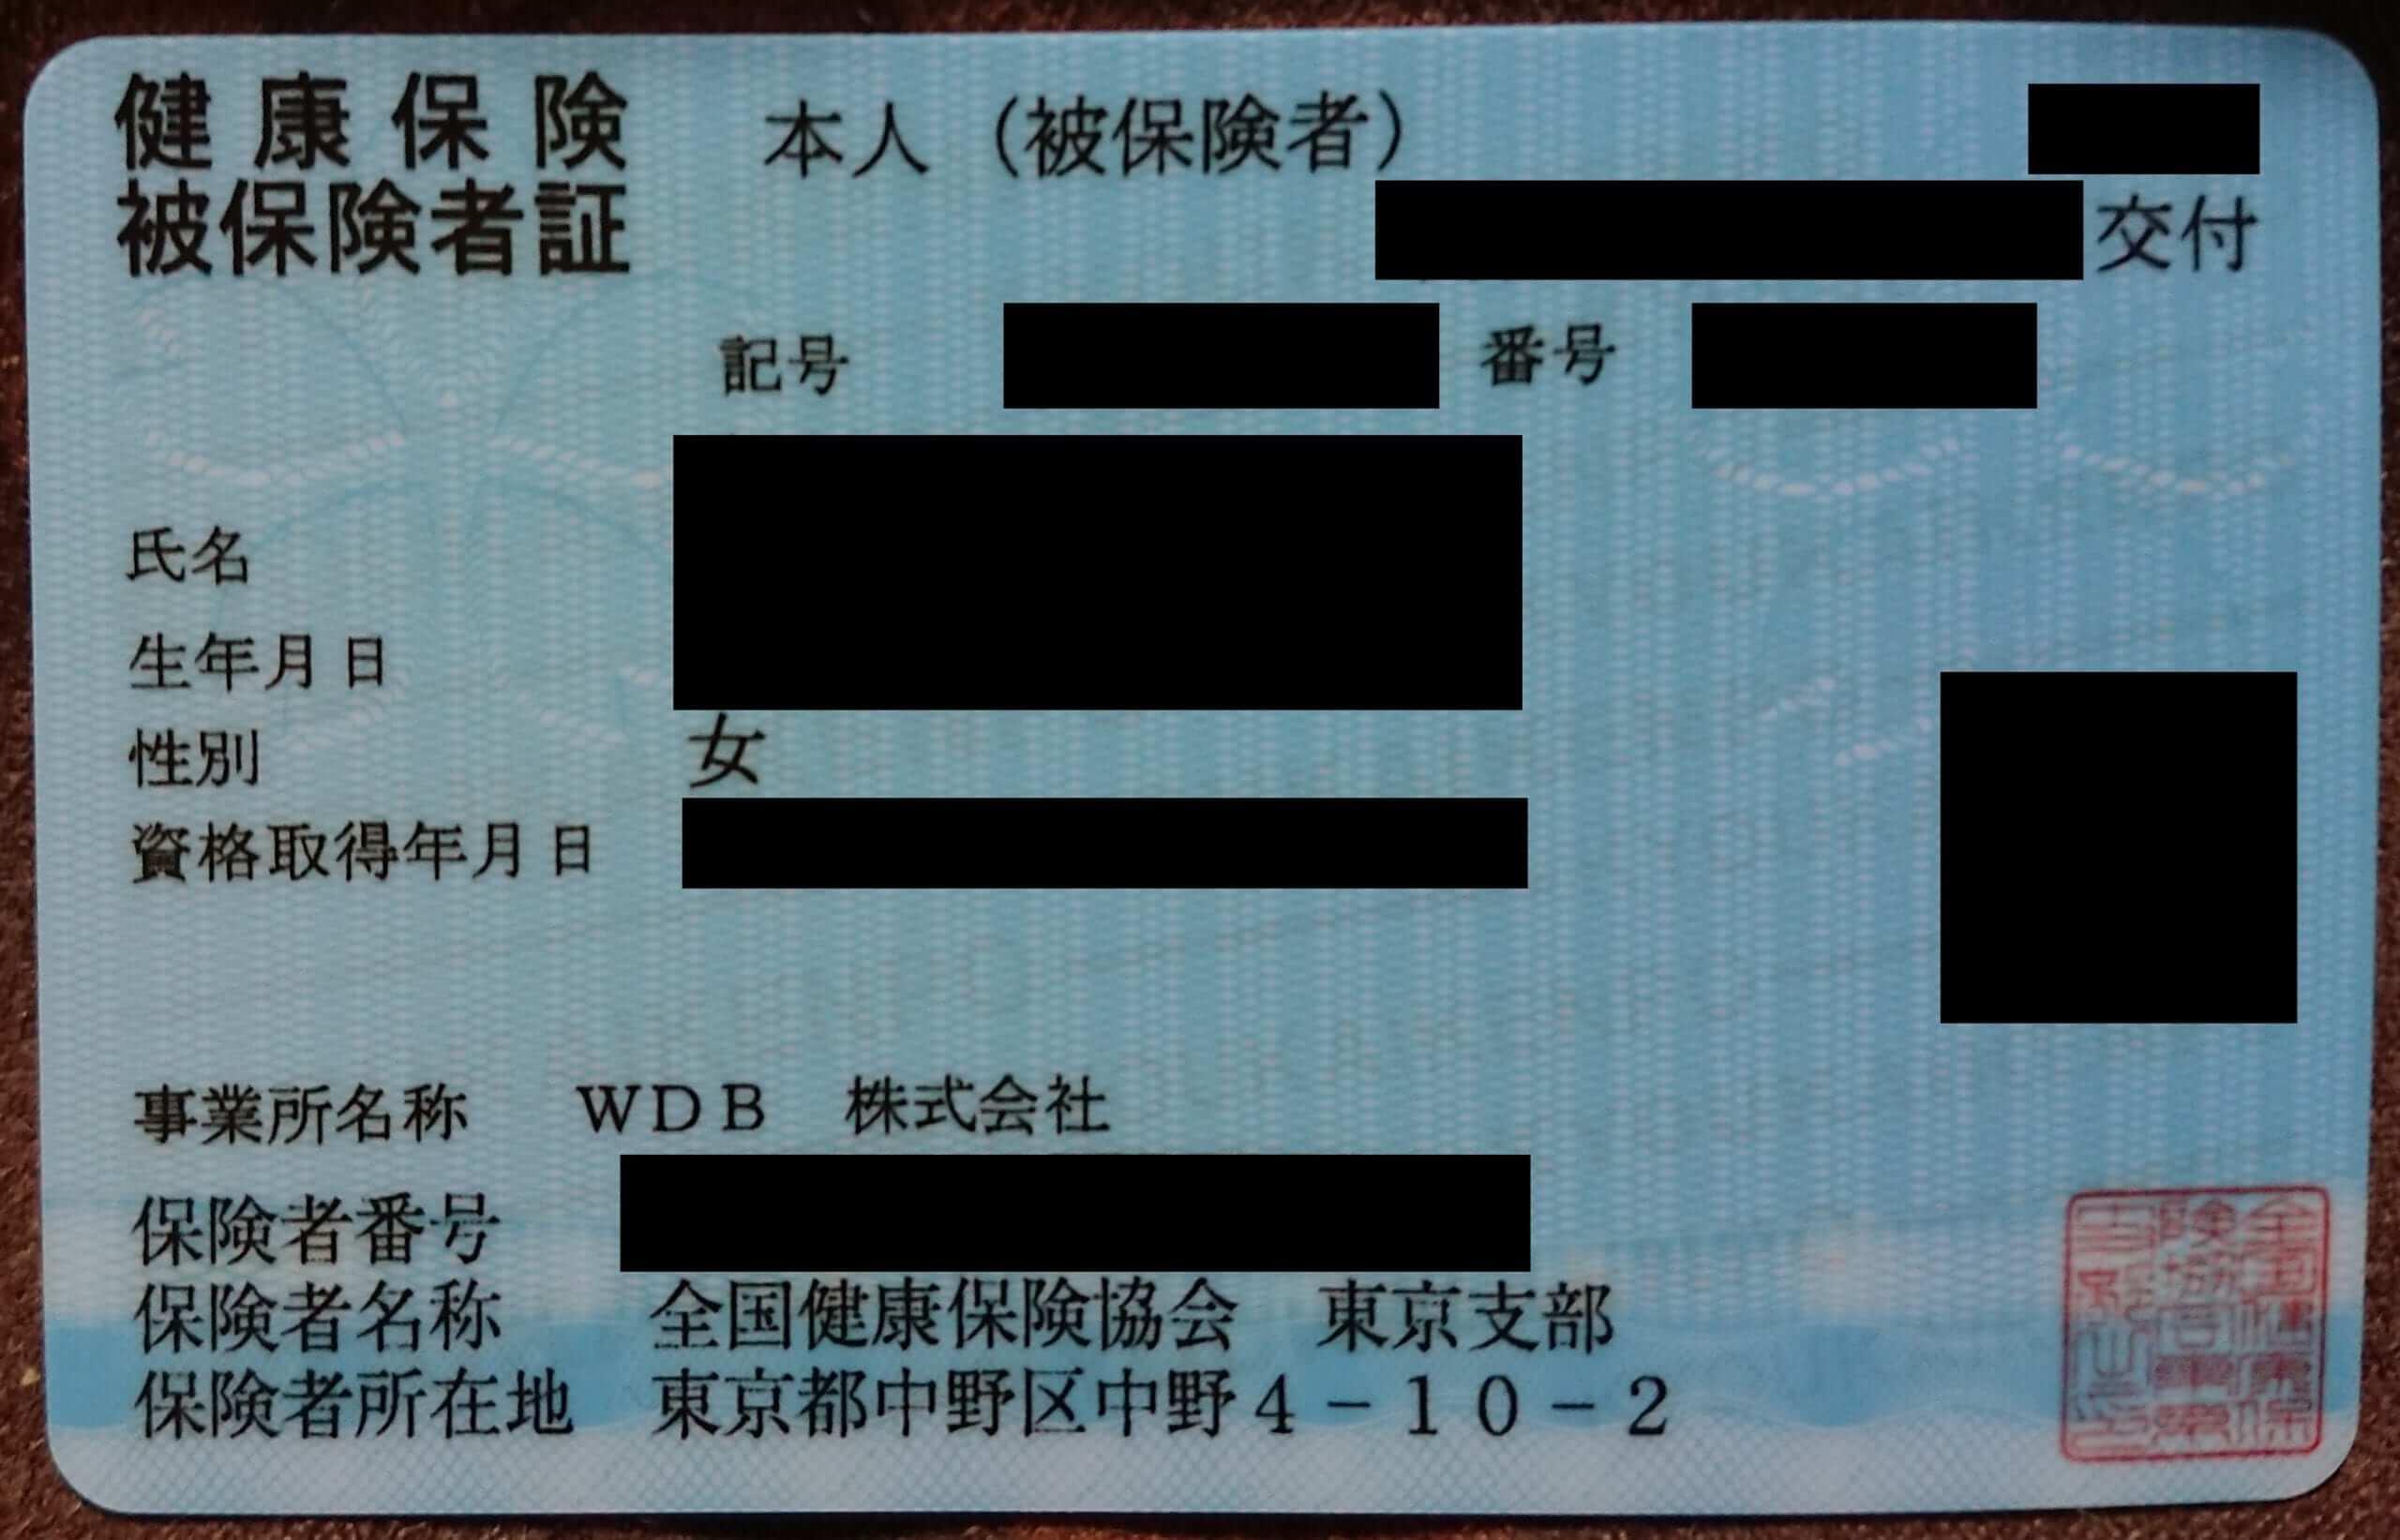 WDB株式会社 新潟支店